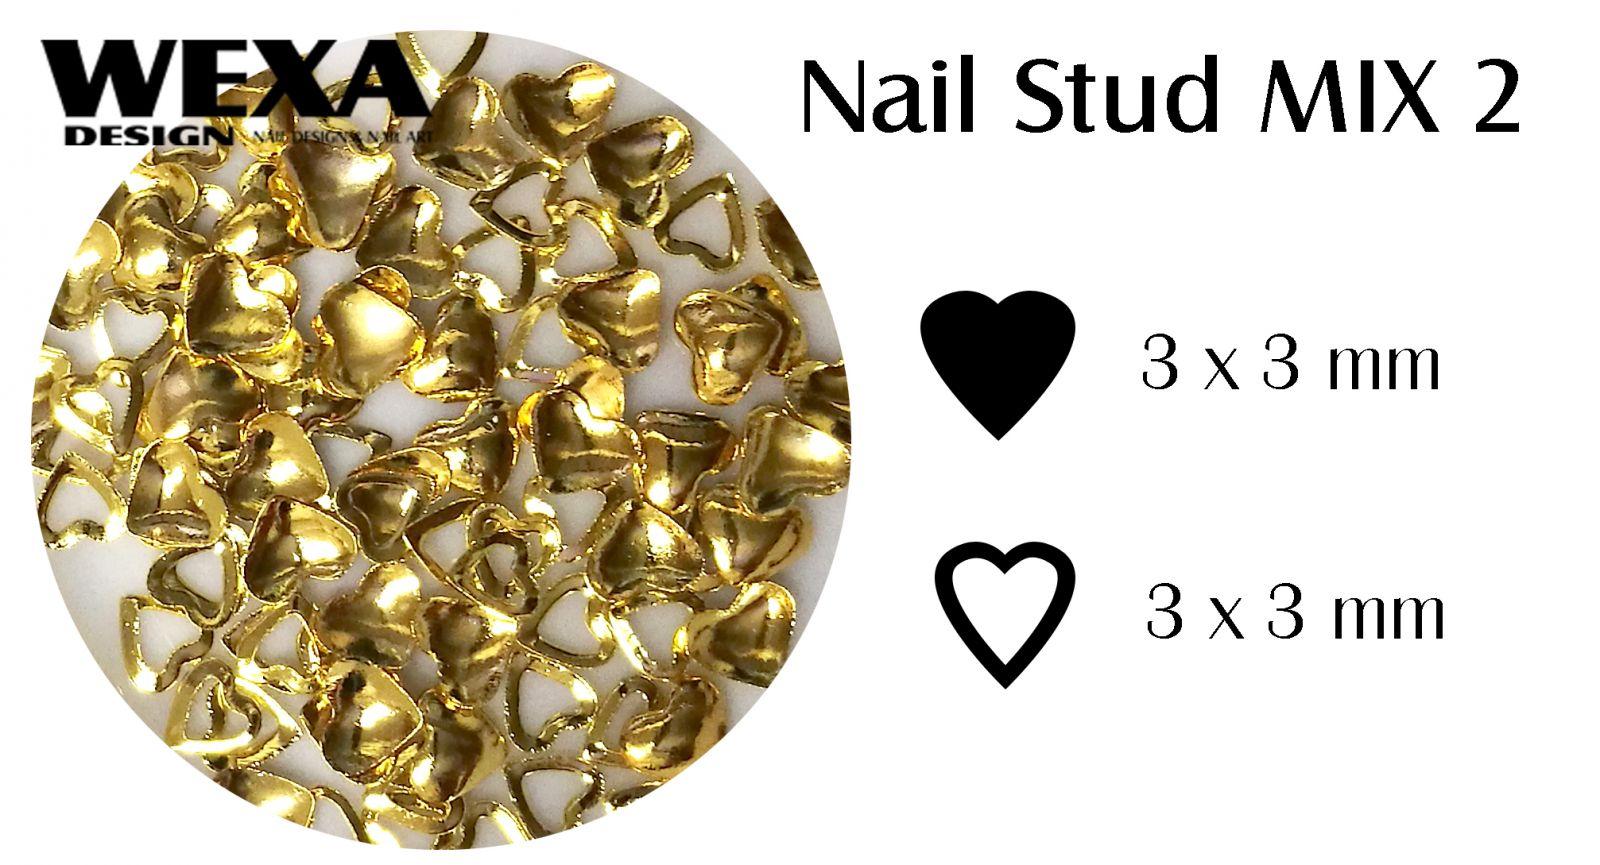 Kovová ozdoba na nechty - Nail Stud MIX 2